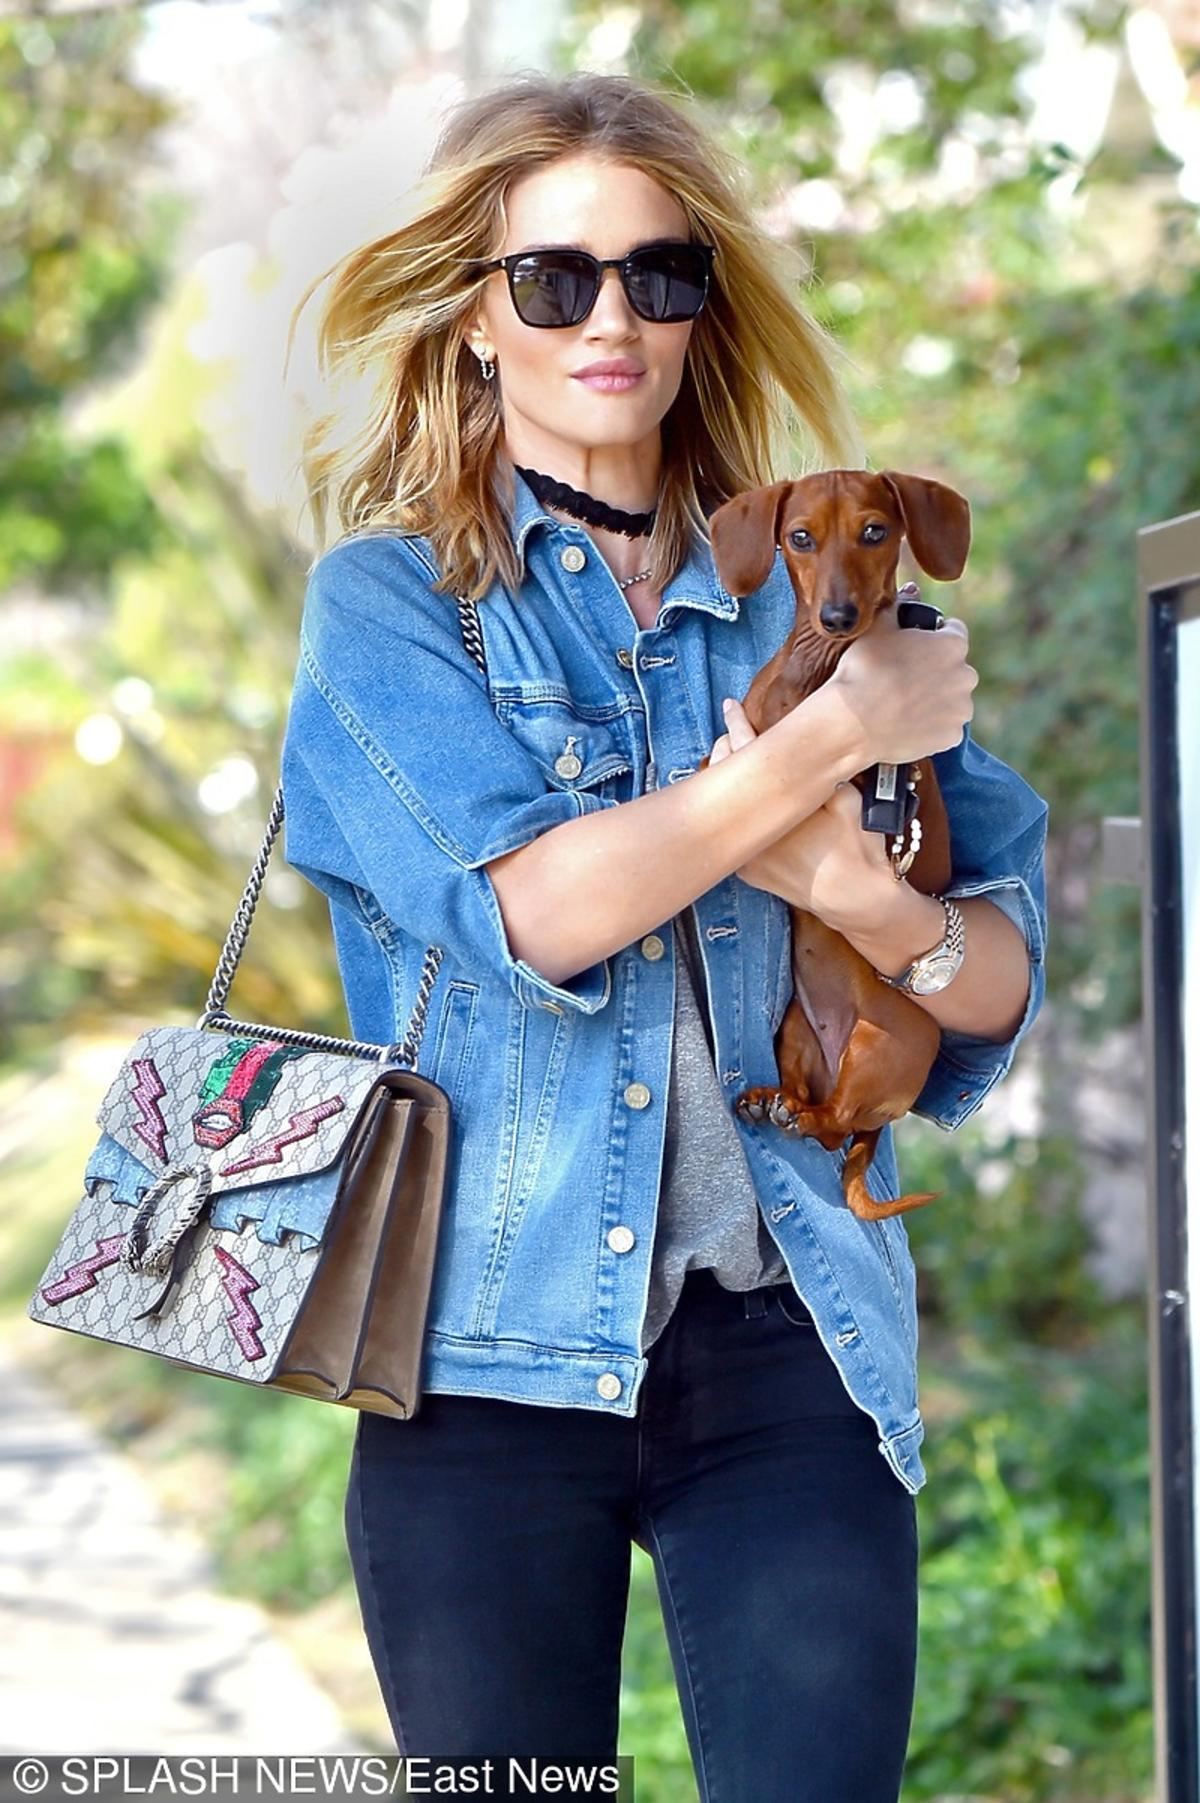 Rosie Huntington-Whiteley z torebką Gucci Dionysus